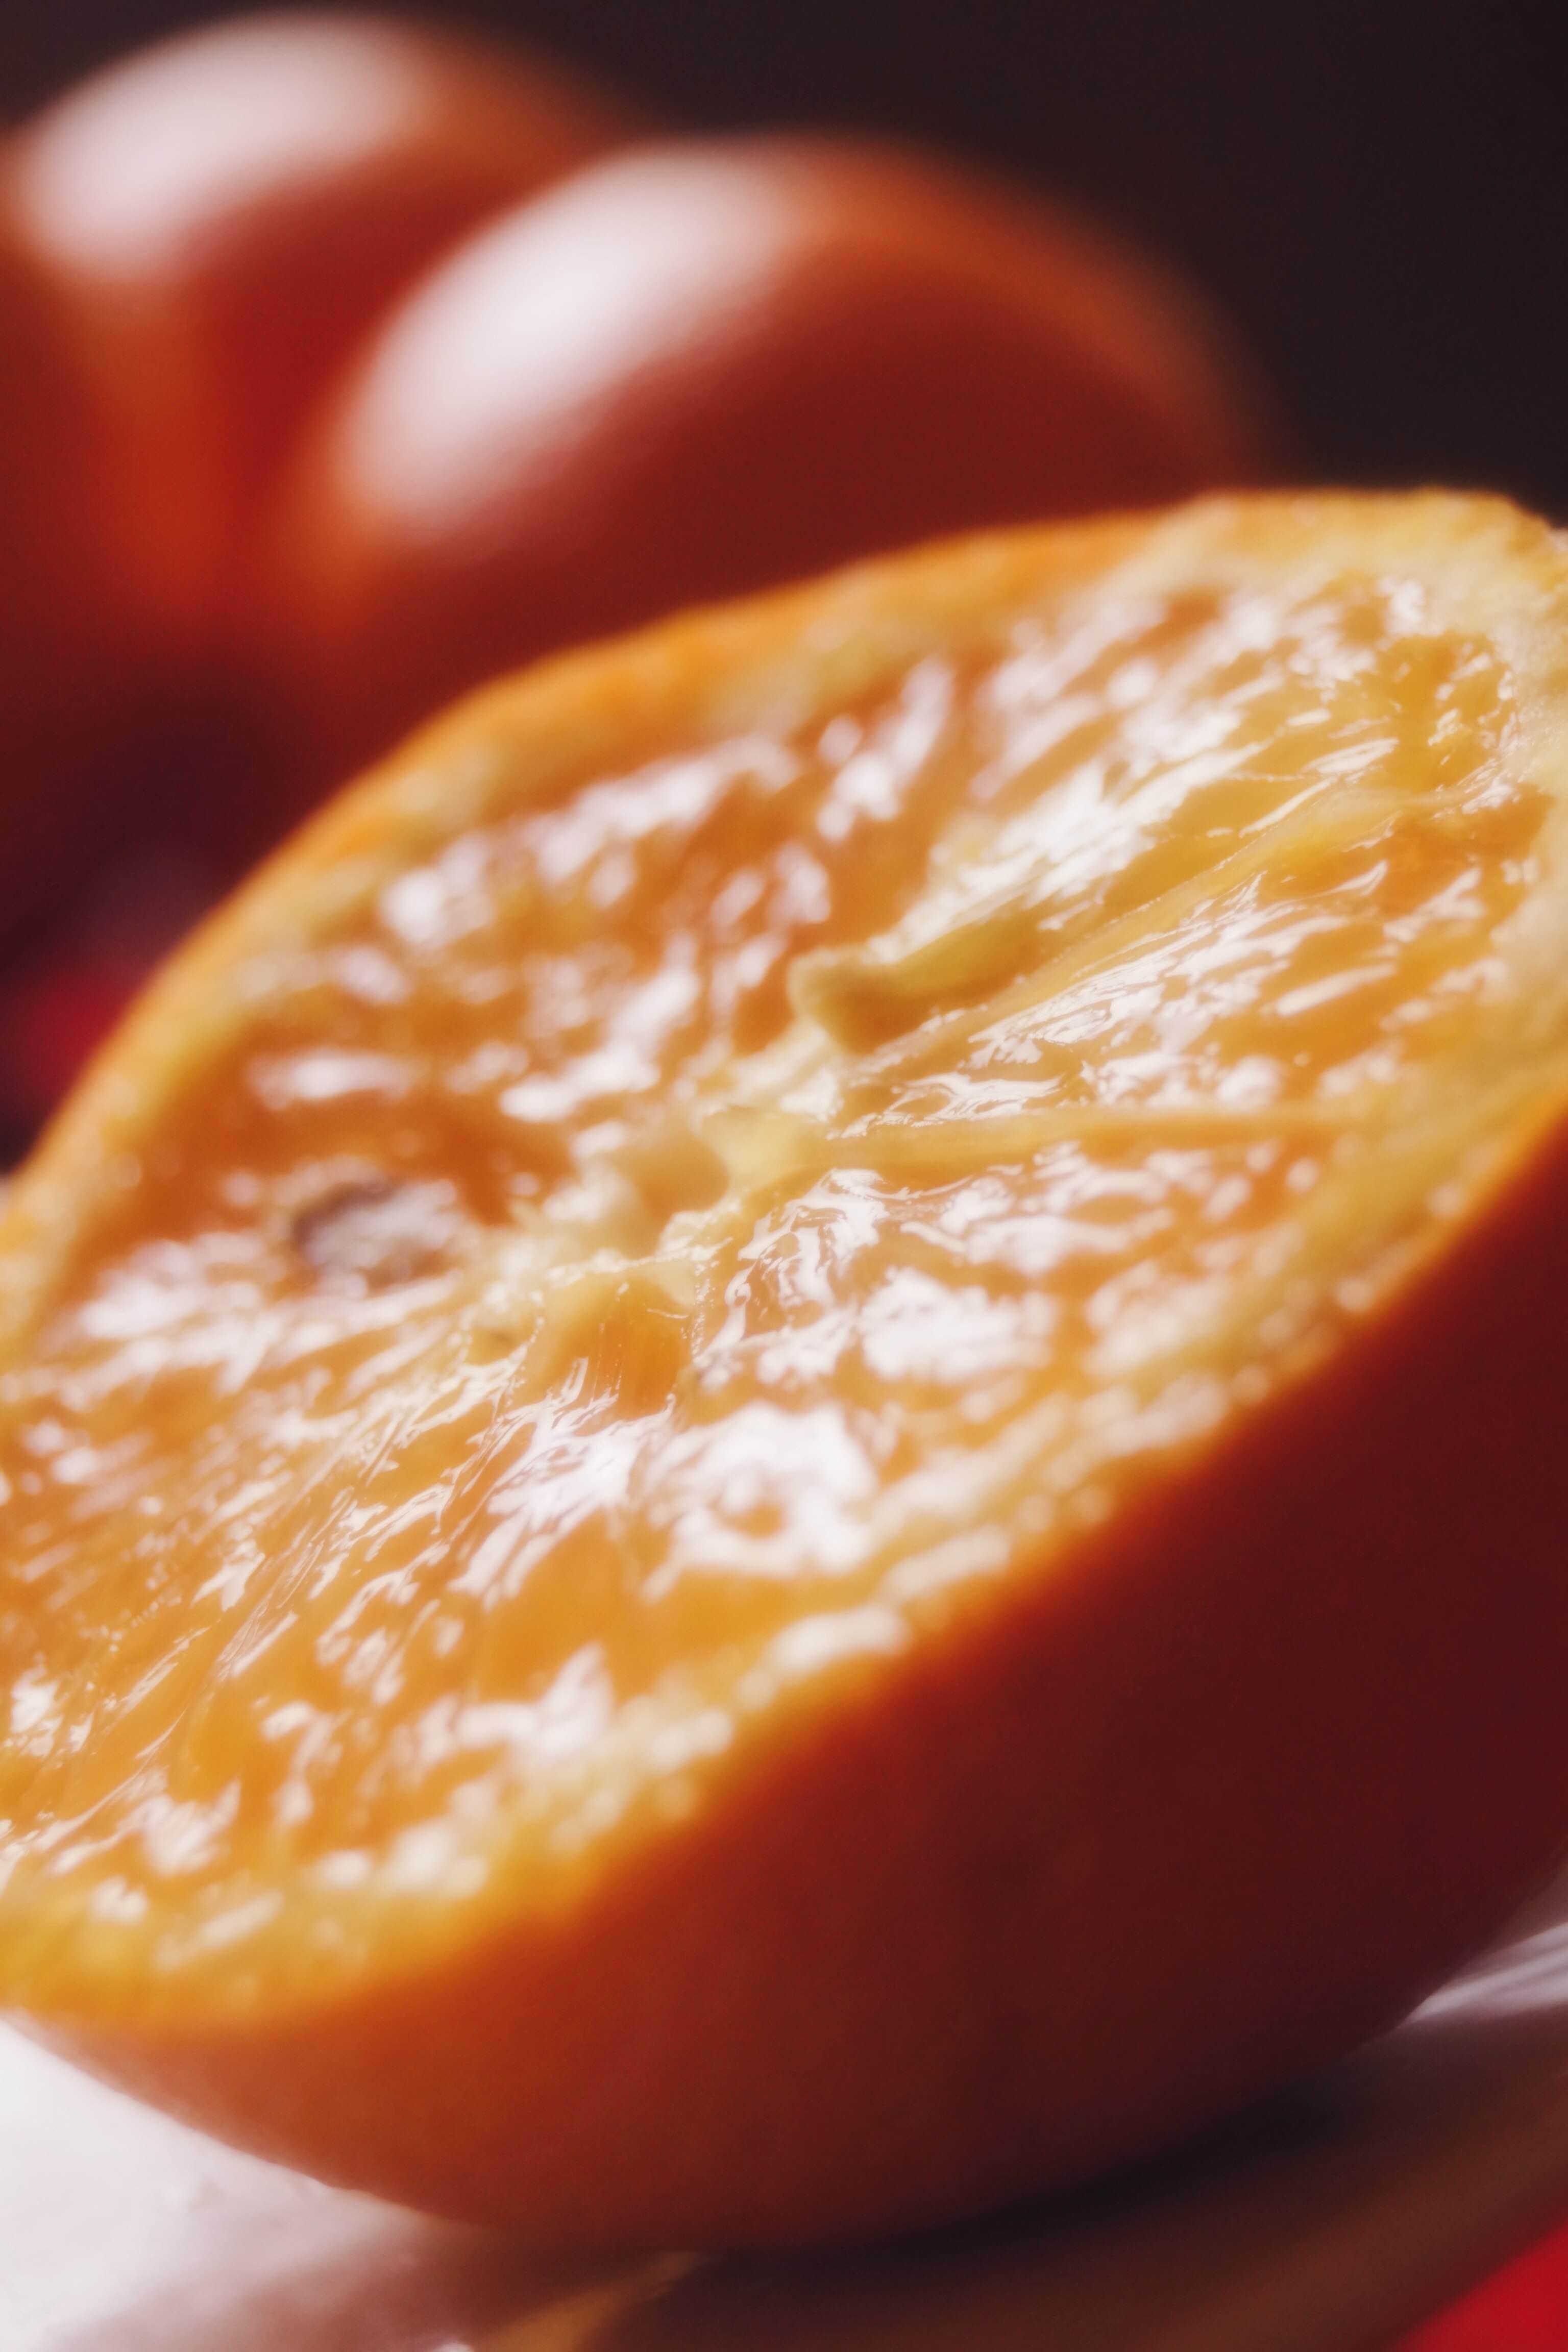 jus d'orange bio pressé café 203